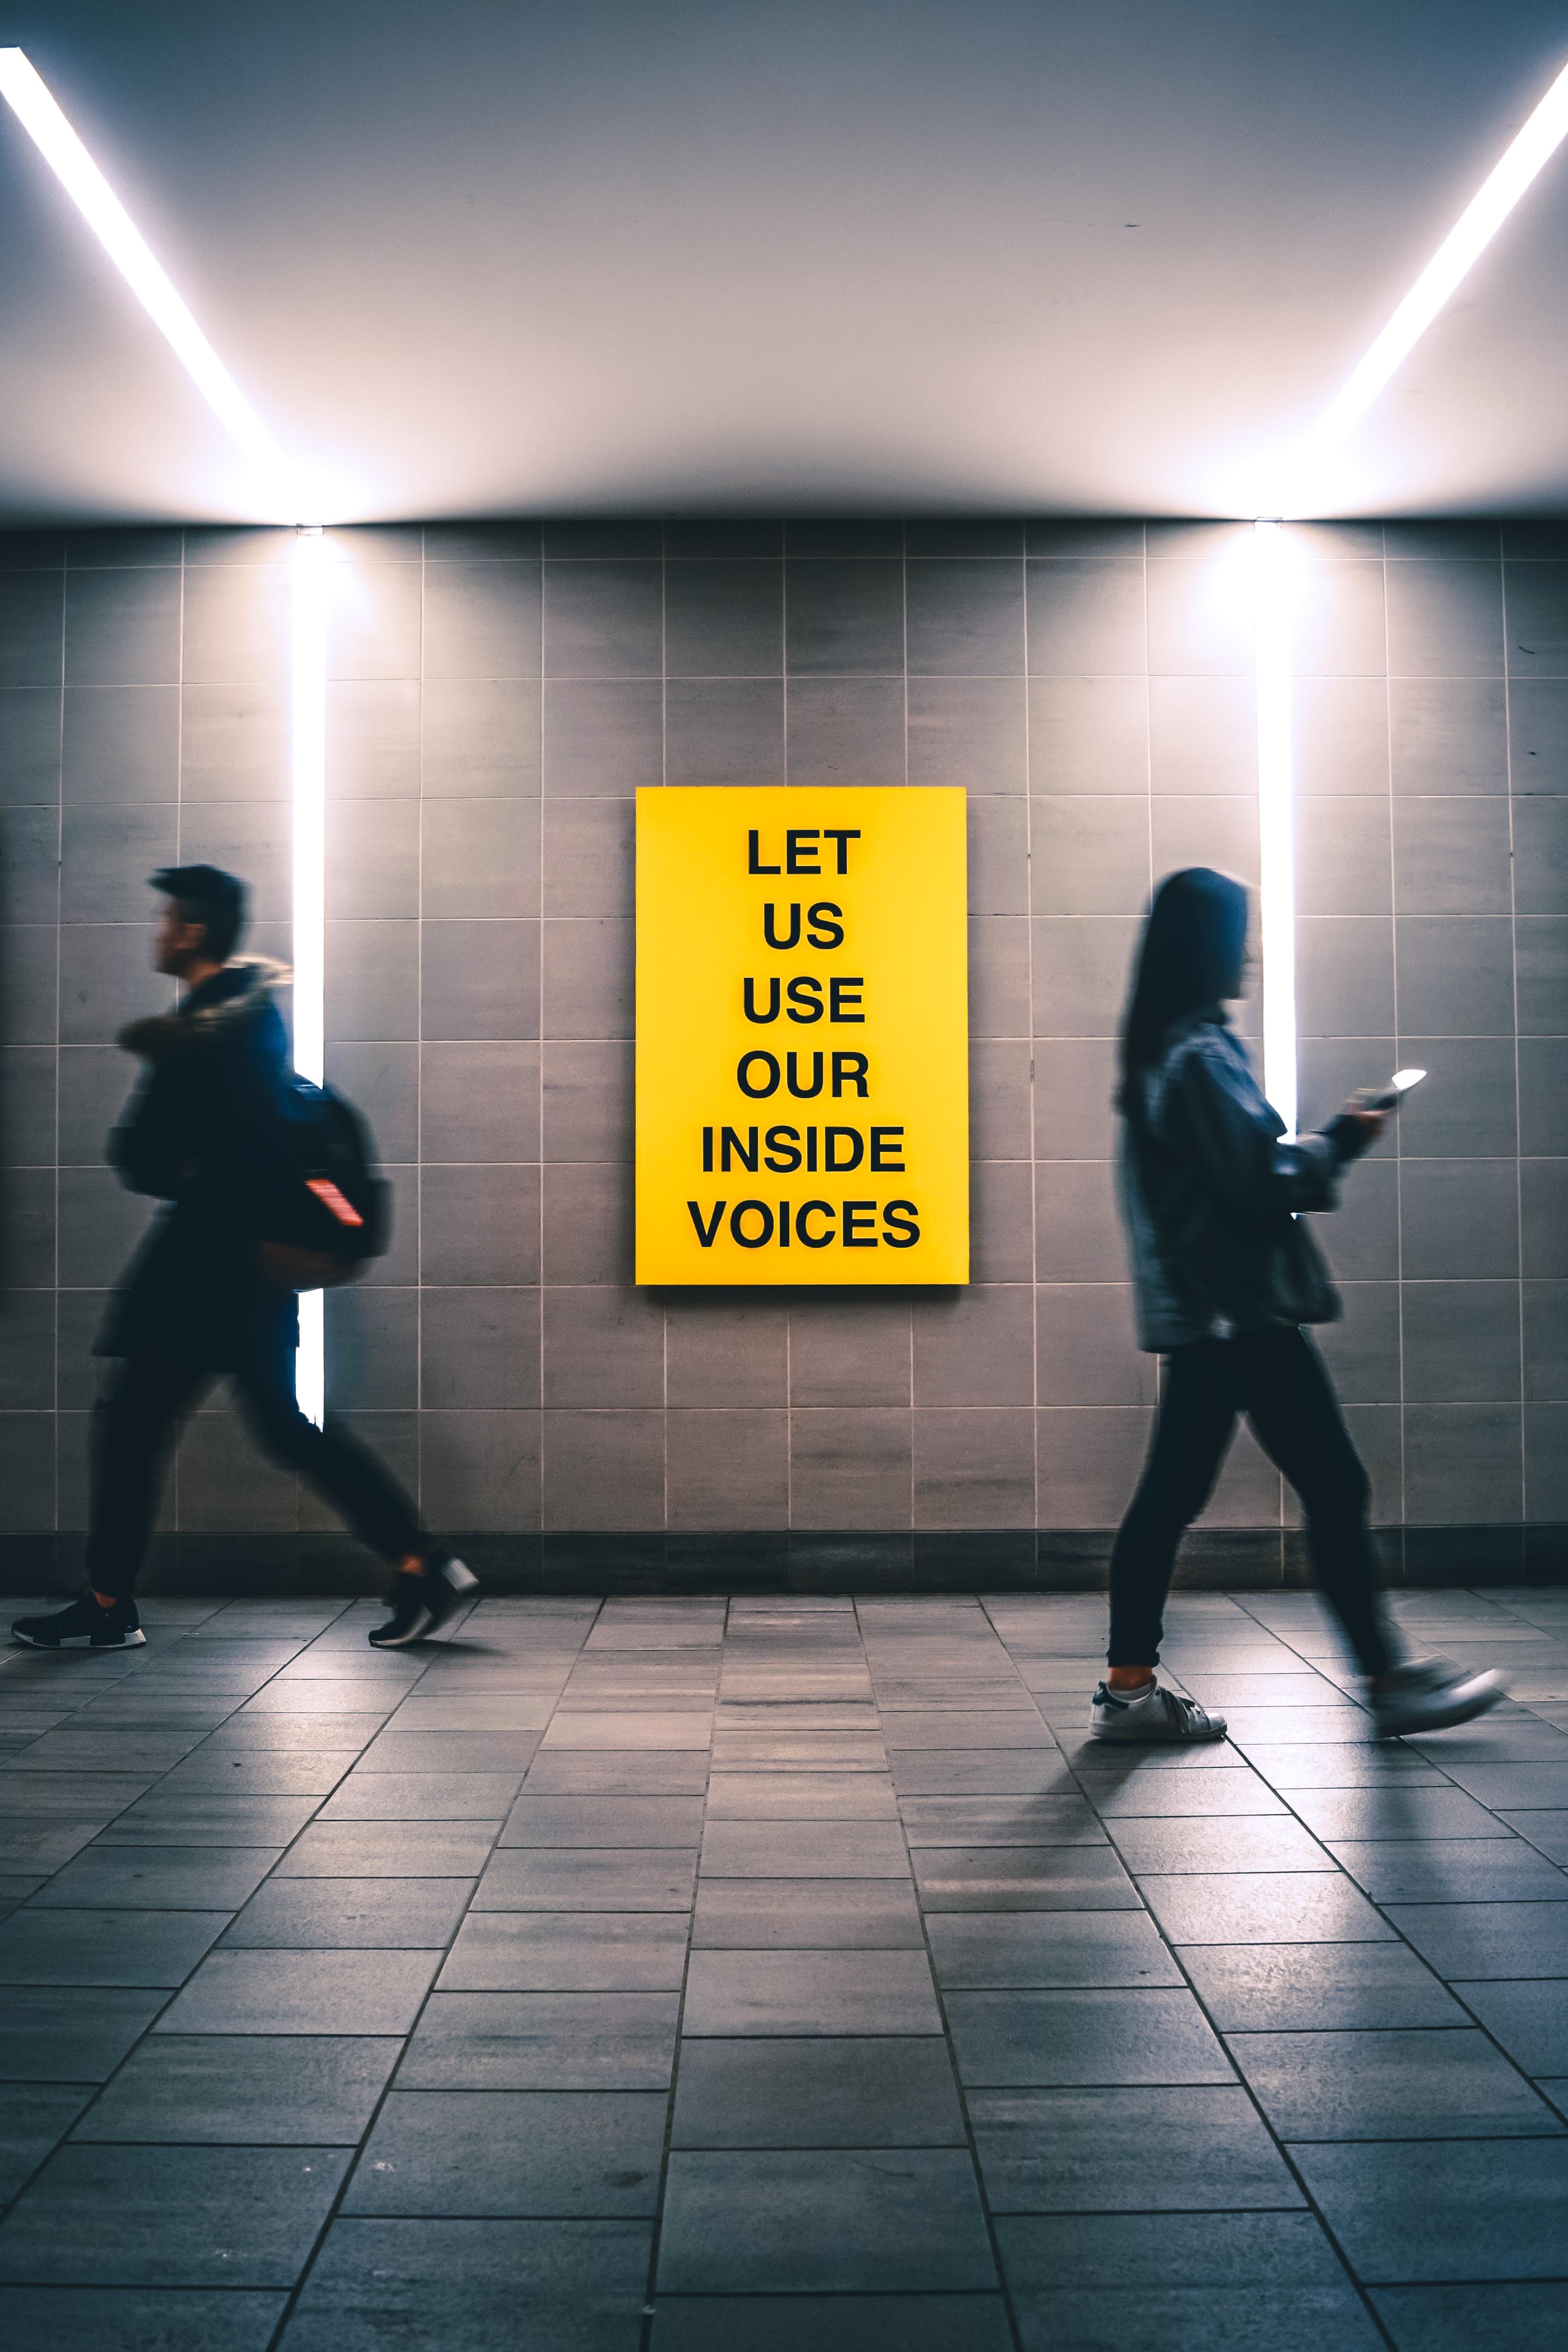 Żółty plakat